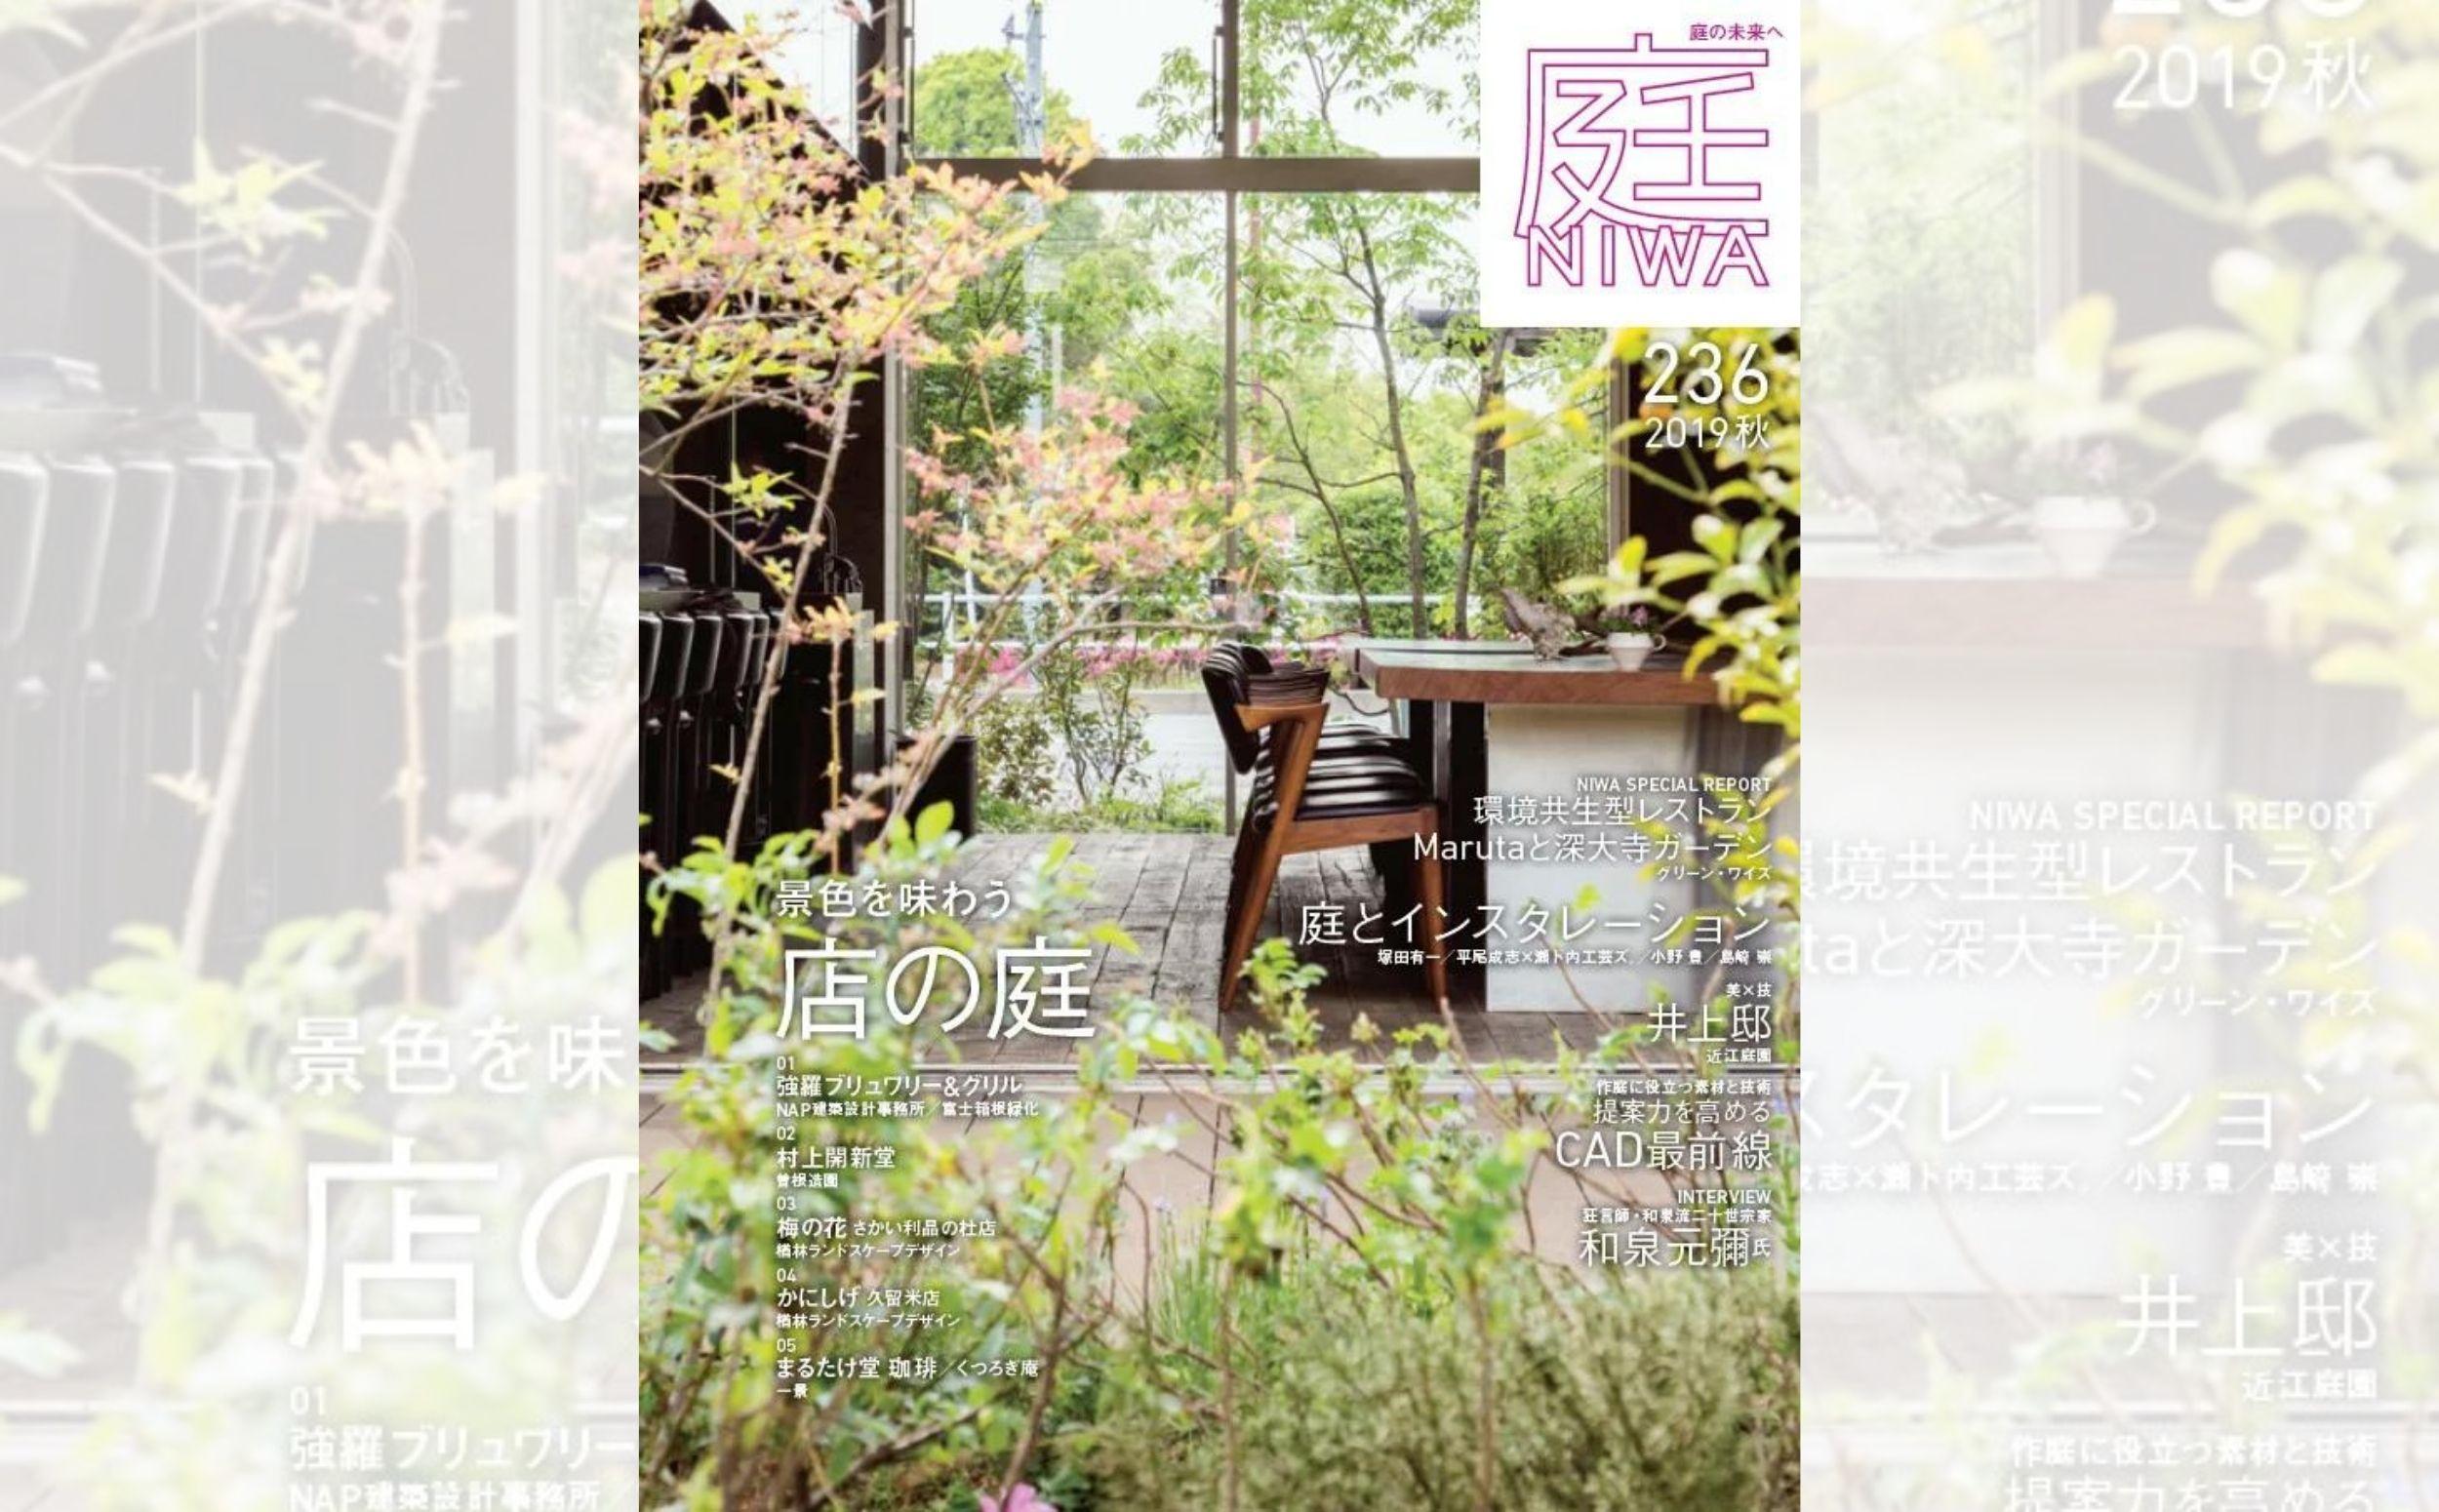 庭NIWA No.236 2019秋号「景色を味わう 店の庭」